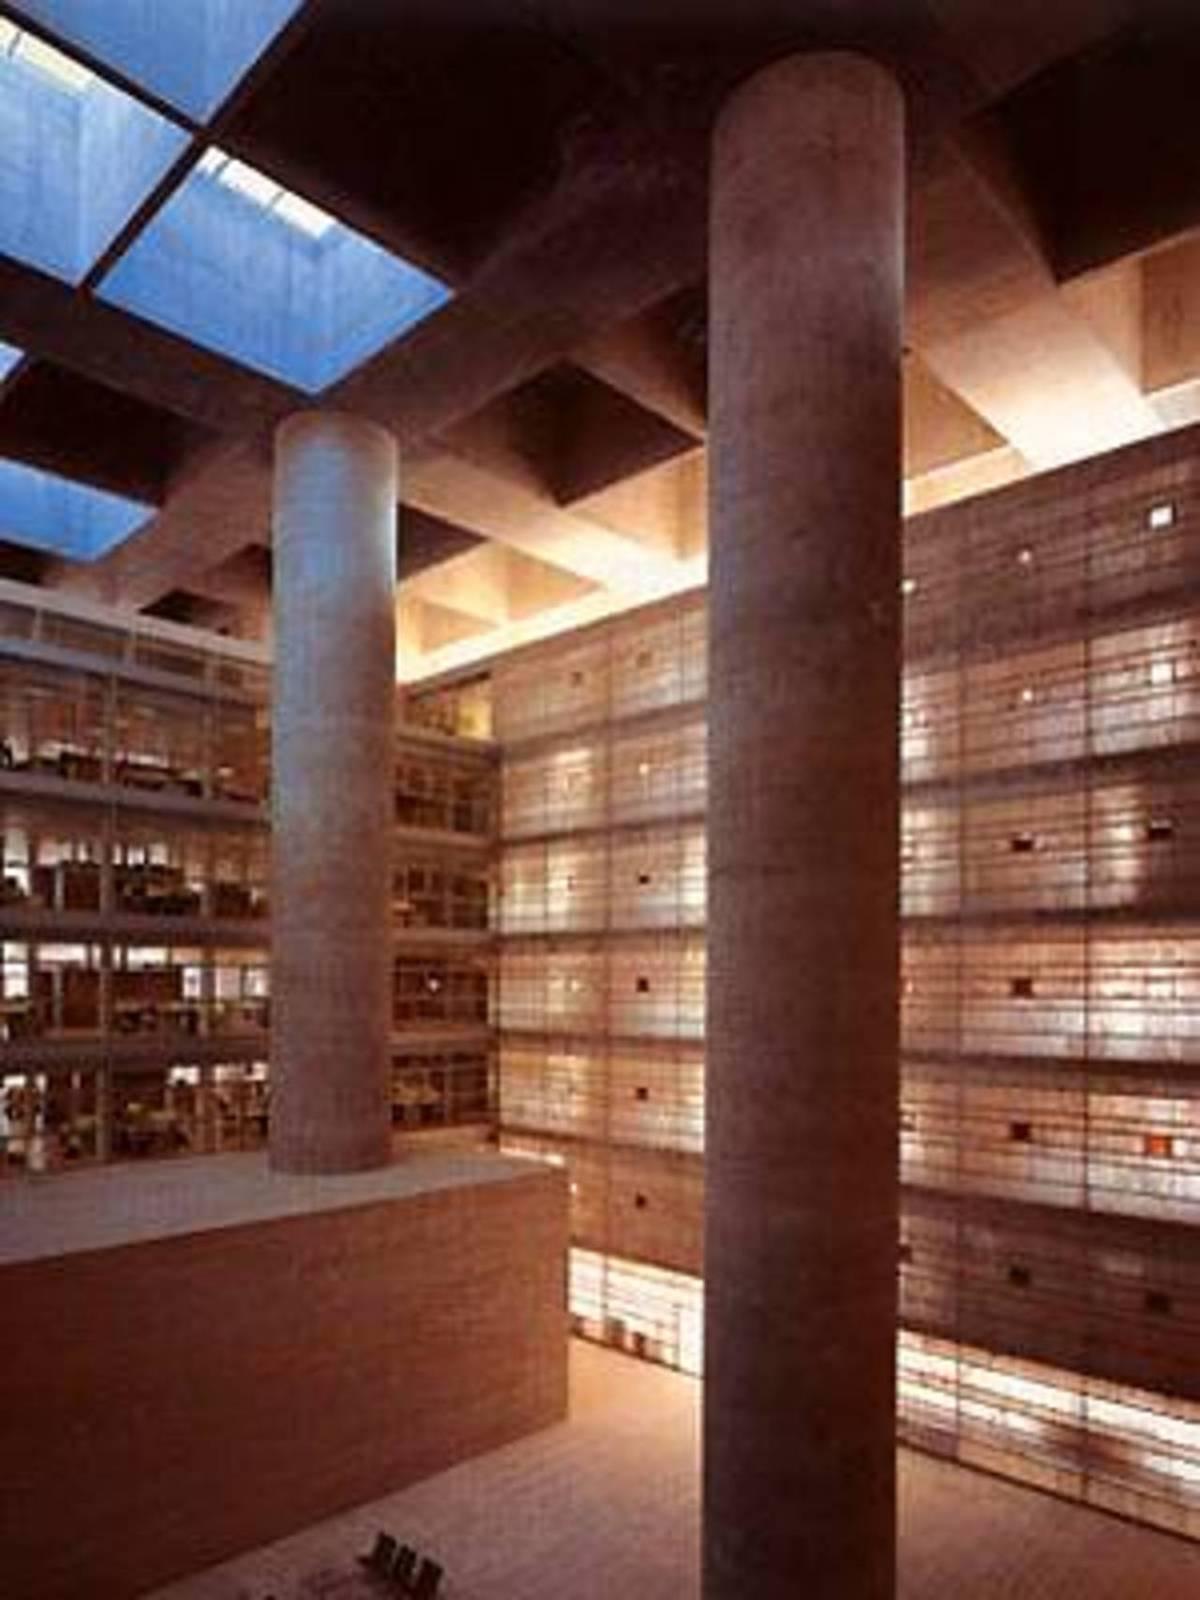 Alberto campo baeza sede central de la caja general de ahorros granada espana 2001 floornature - Caja granada en madrid ...